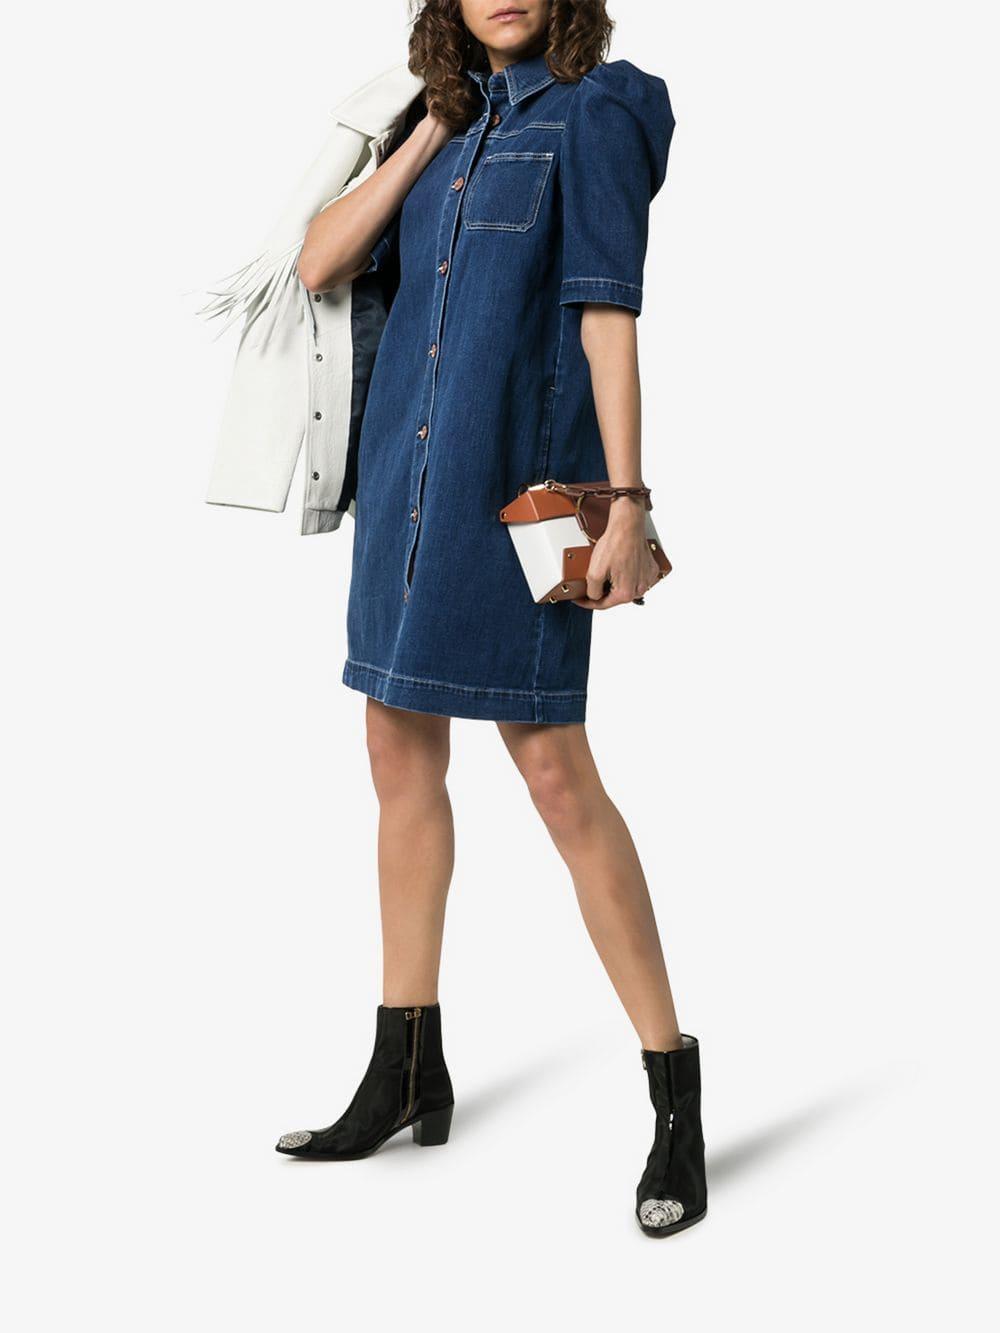 51e70c1f SEE BY CHLOÉ Puff Sleeve Button-down Denim Mini Blue Dress - We ...